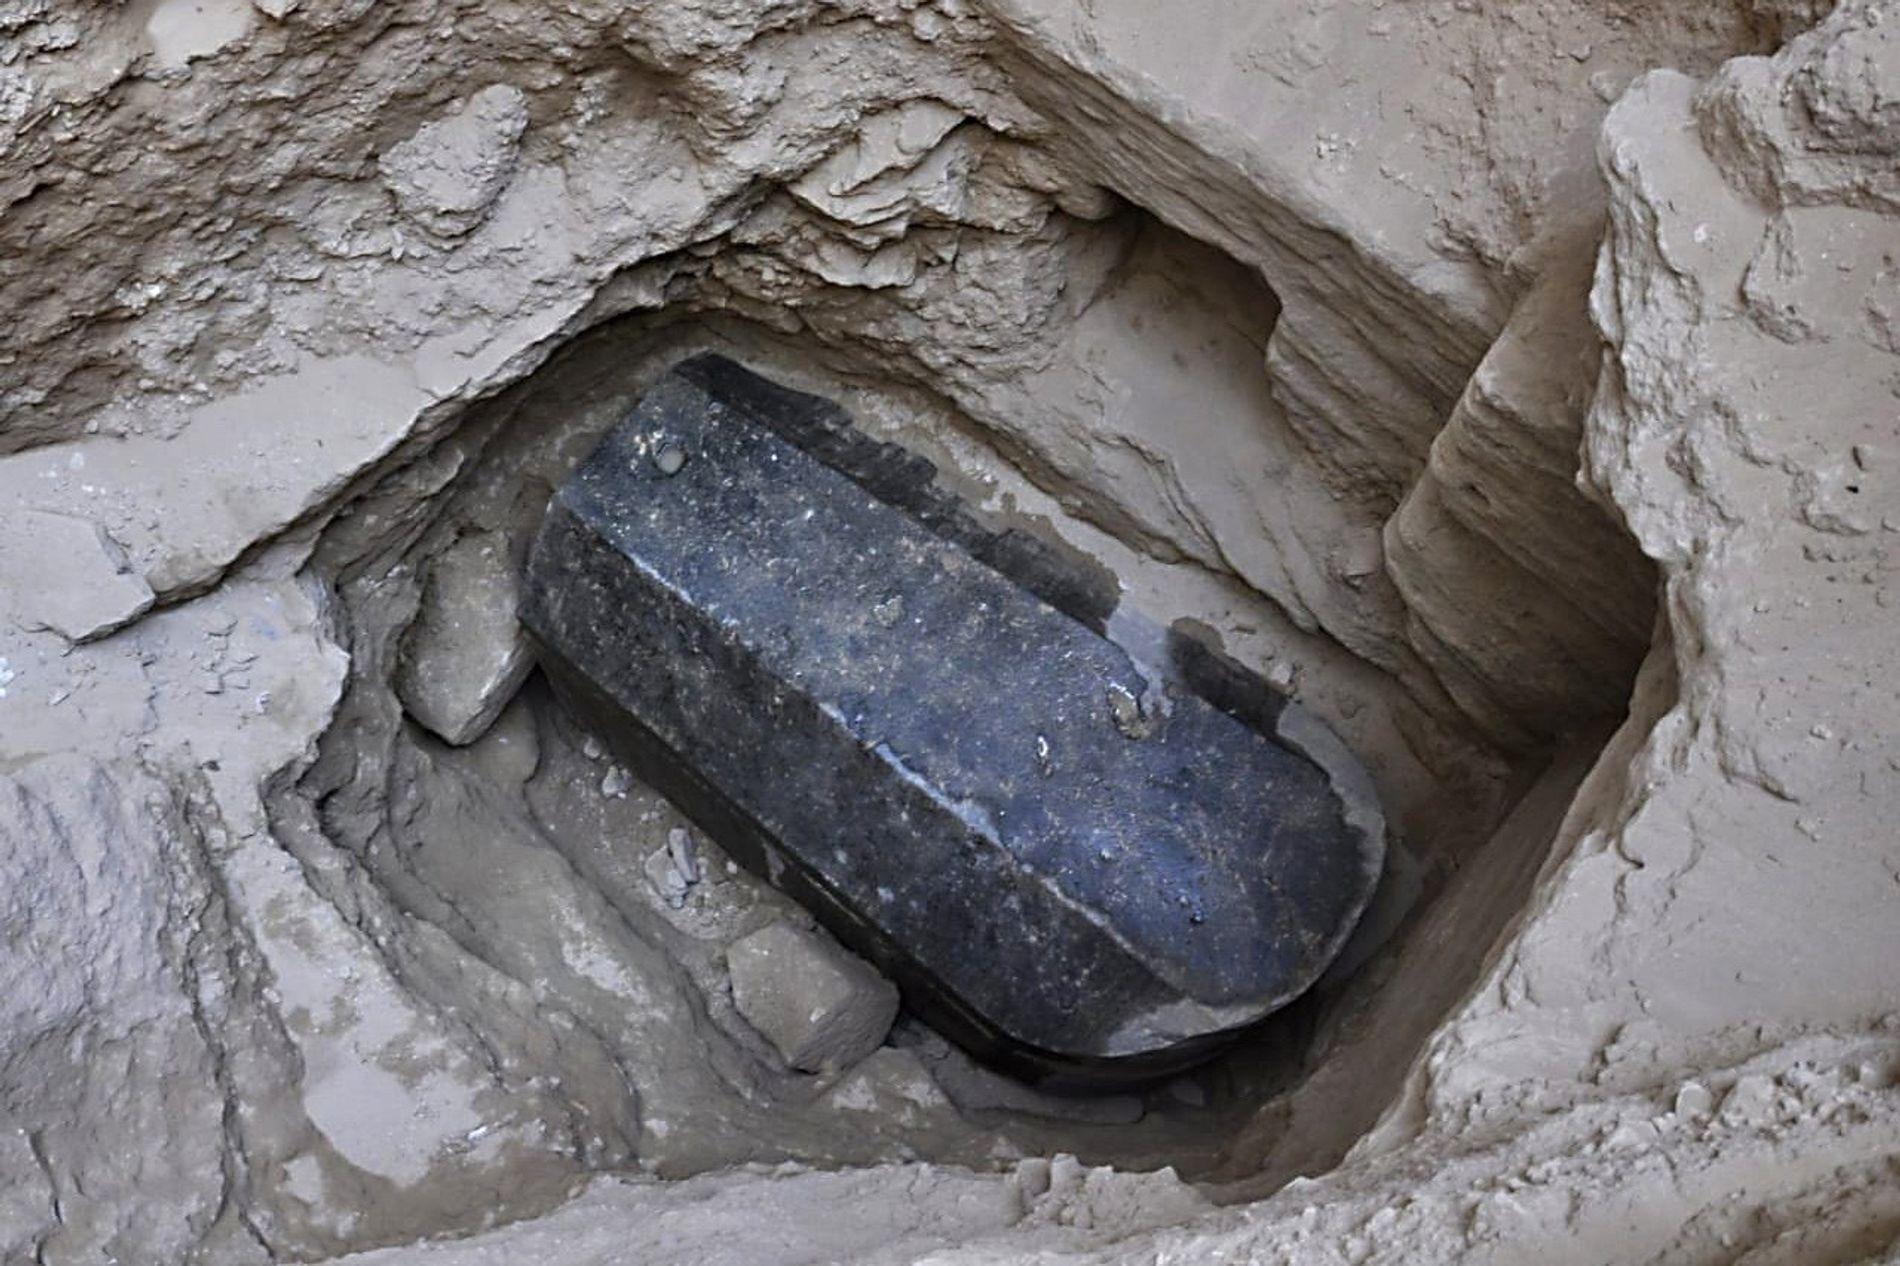 Mais qui peut bien reposer dans ce sarcophage ? Les spéculations vont de bon train sur Internet depuis la découverte il y a deux semaines d'un sarcophage de 30 tonnes, scellé, en granite et vieux de 2 000 ans. Des blagues douteuses sur les momies ont également fait leur apparition sur les réseaux sociaux.